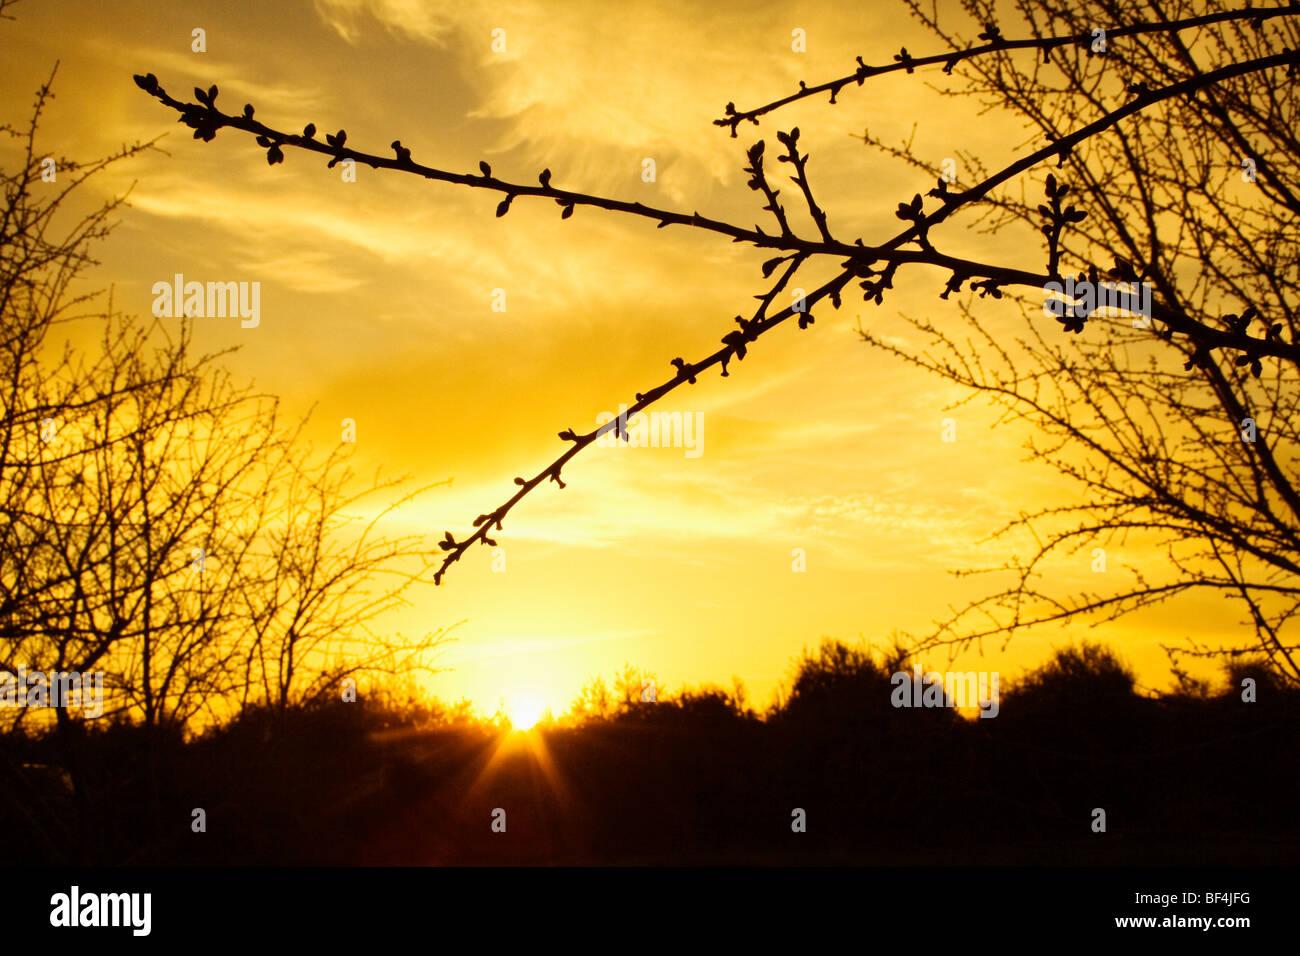 Les branches avec des bourgeons gonflés d'Amande juste avant le débourrement silhouetté par le coucher de soleil Banque D'Images